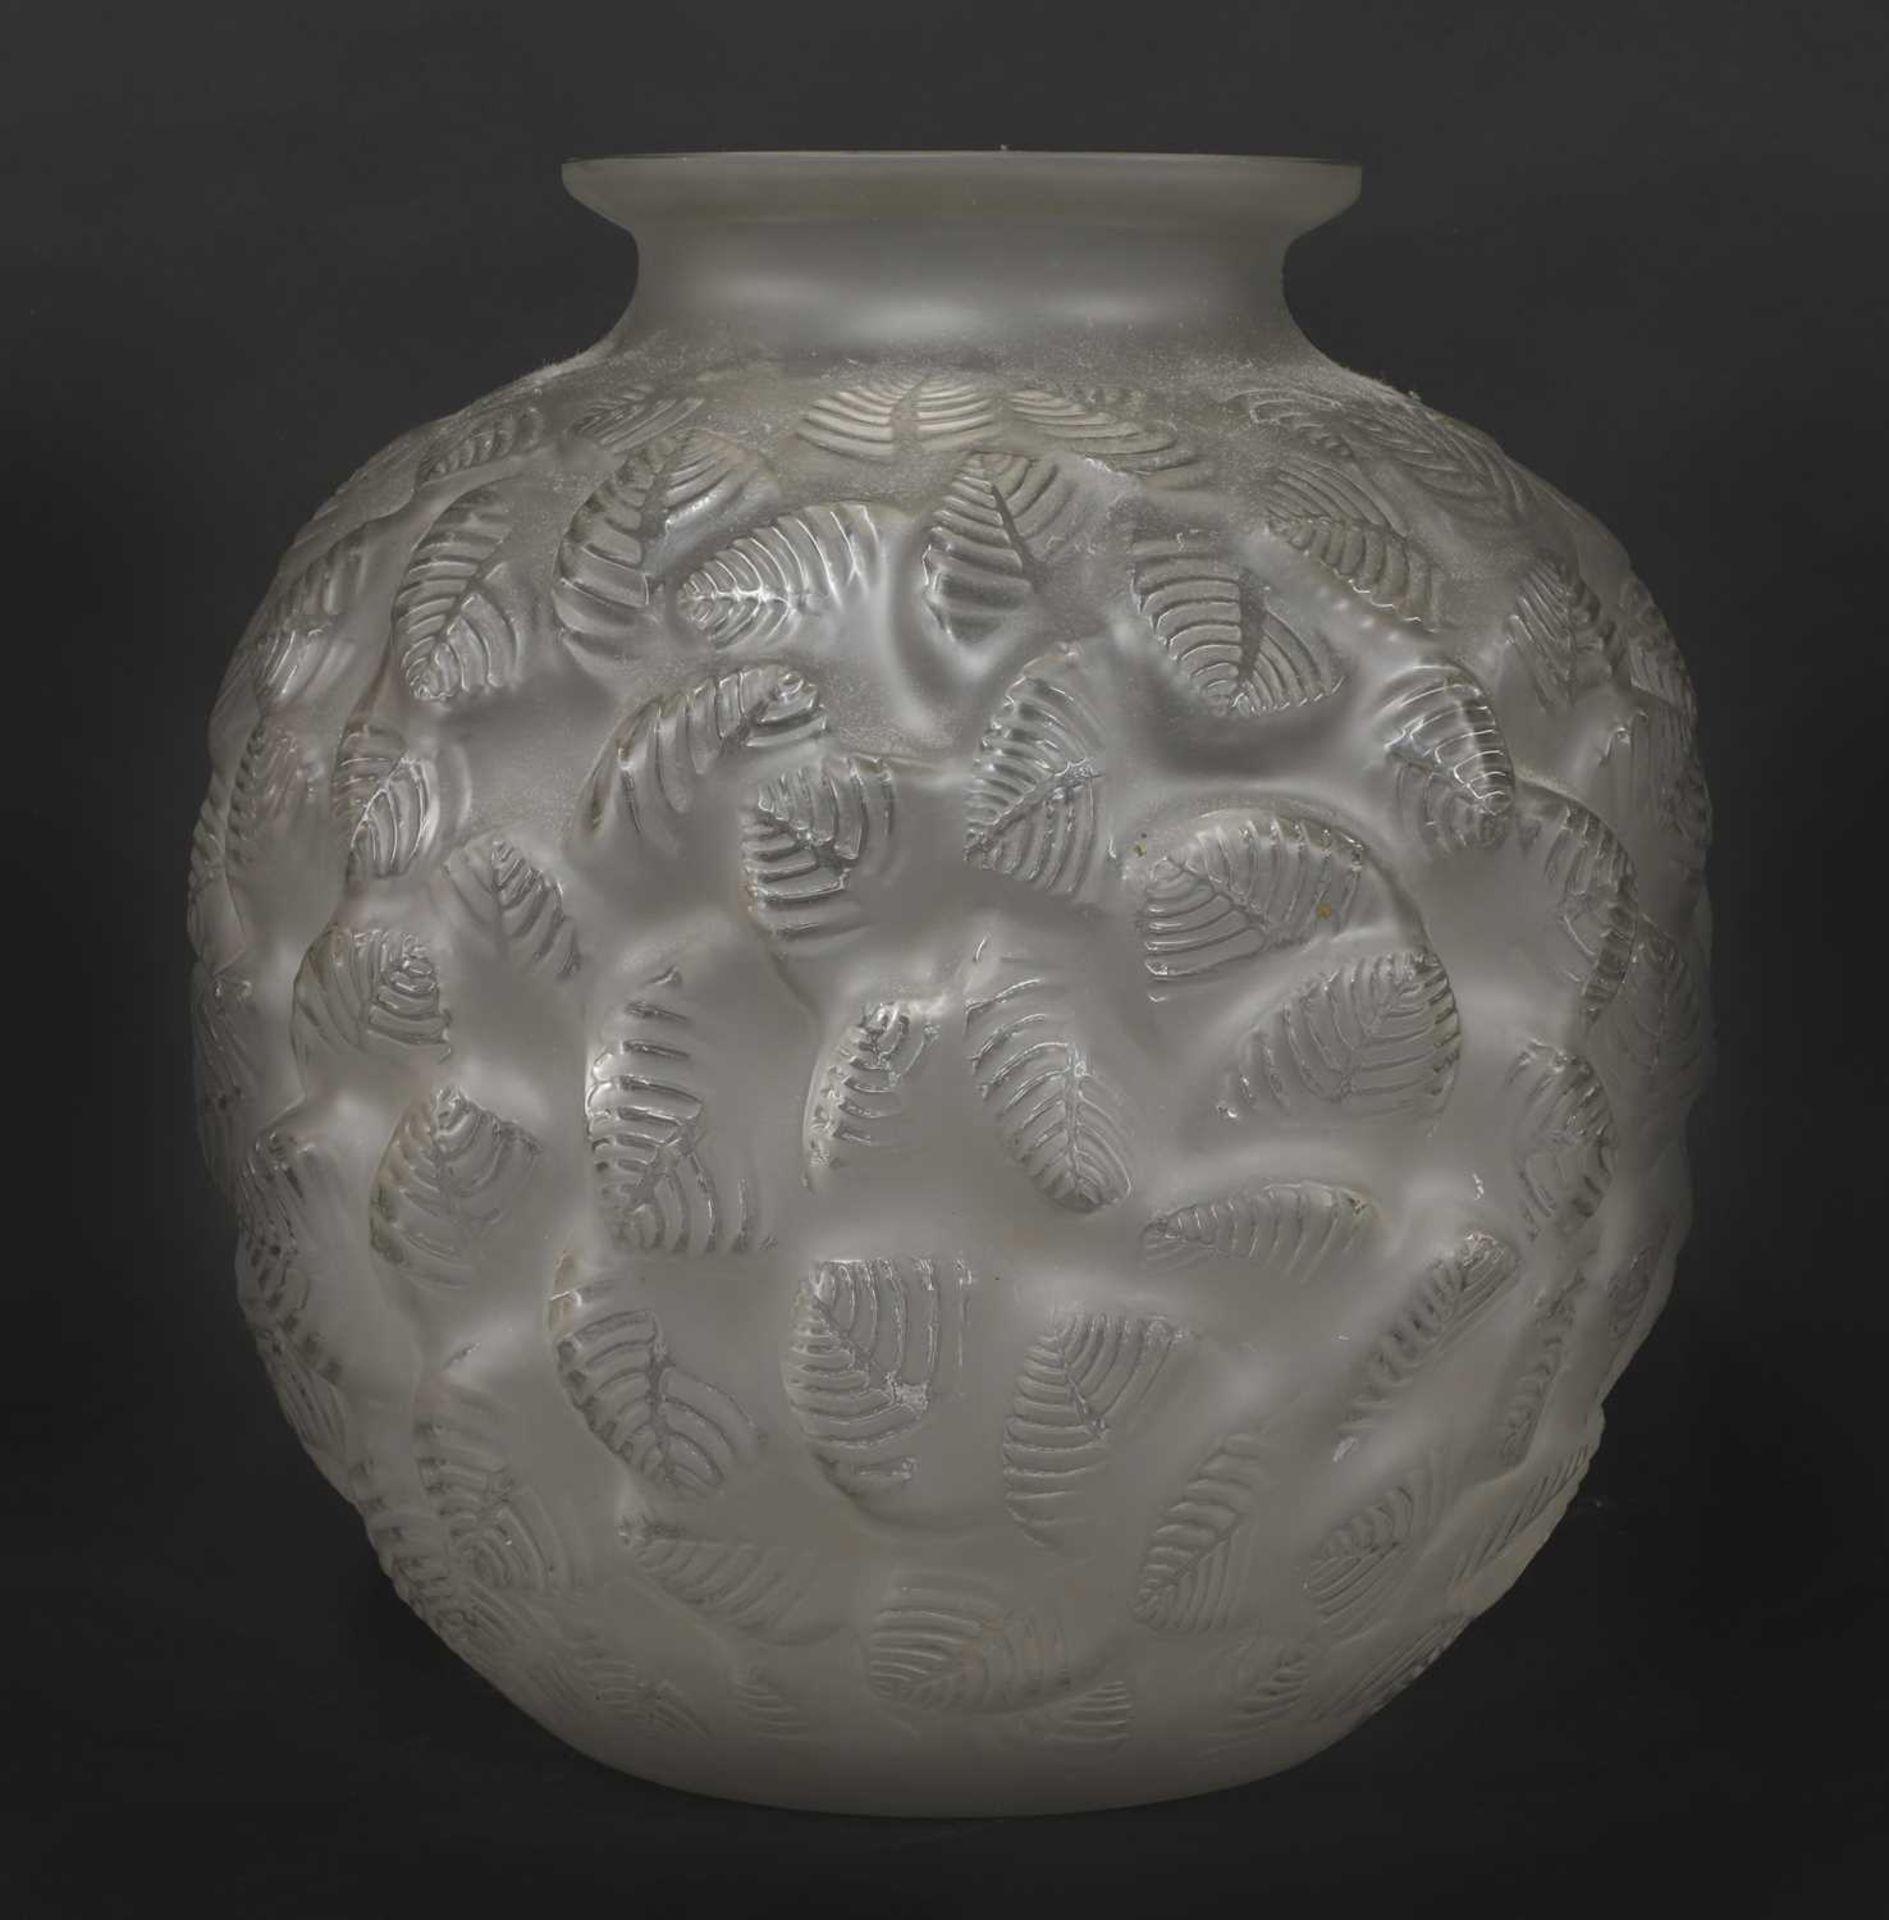 An Art Deco leaf moulded glass vase, - Image 3 of 3